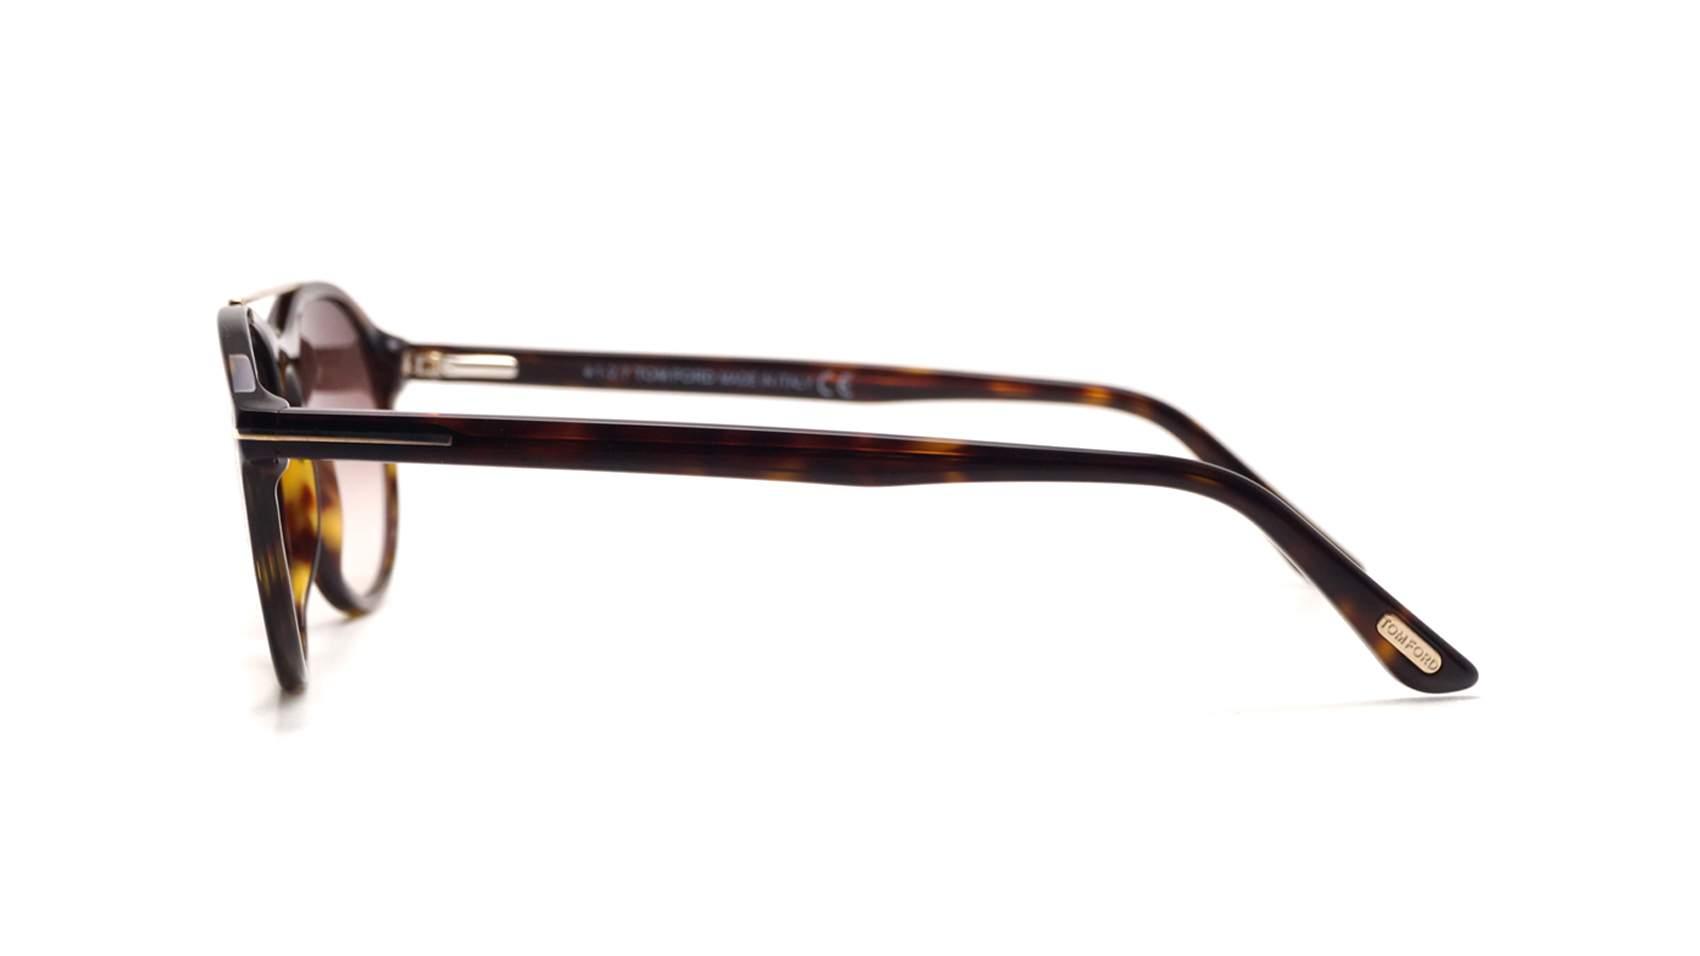 d57df00ec0 Sunglasses Tom Ford Cameron-02 Tortoise FT0556S 52G 53-17 Medium Gradient